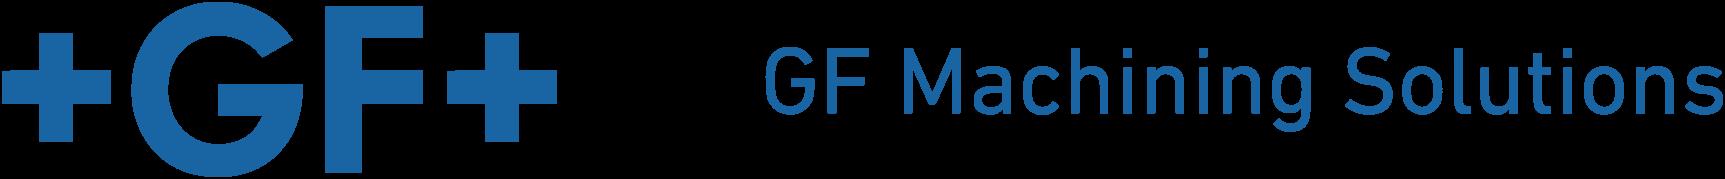 GF Machining Solutions Sales Benelux